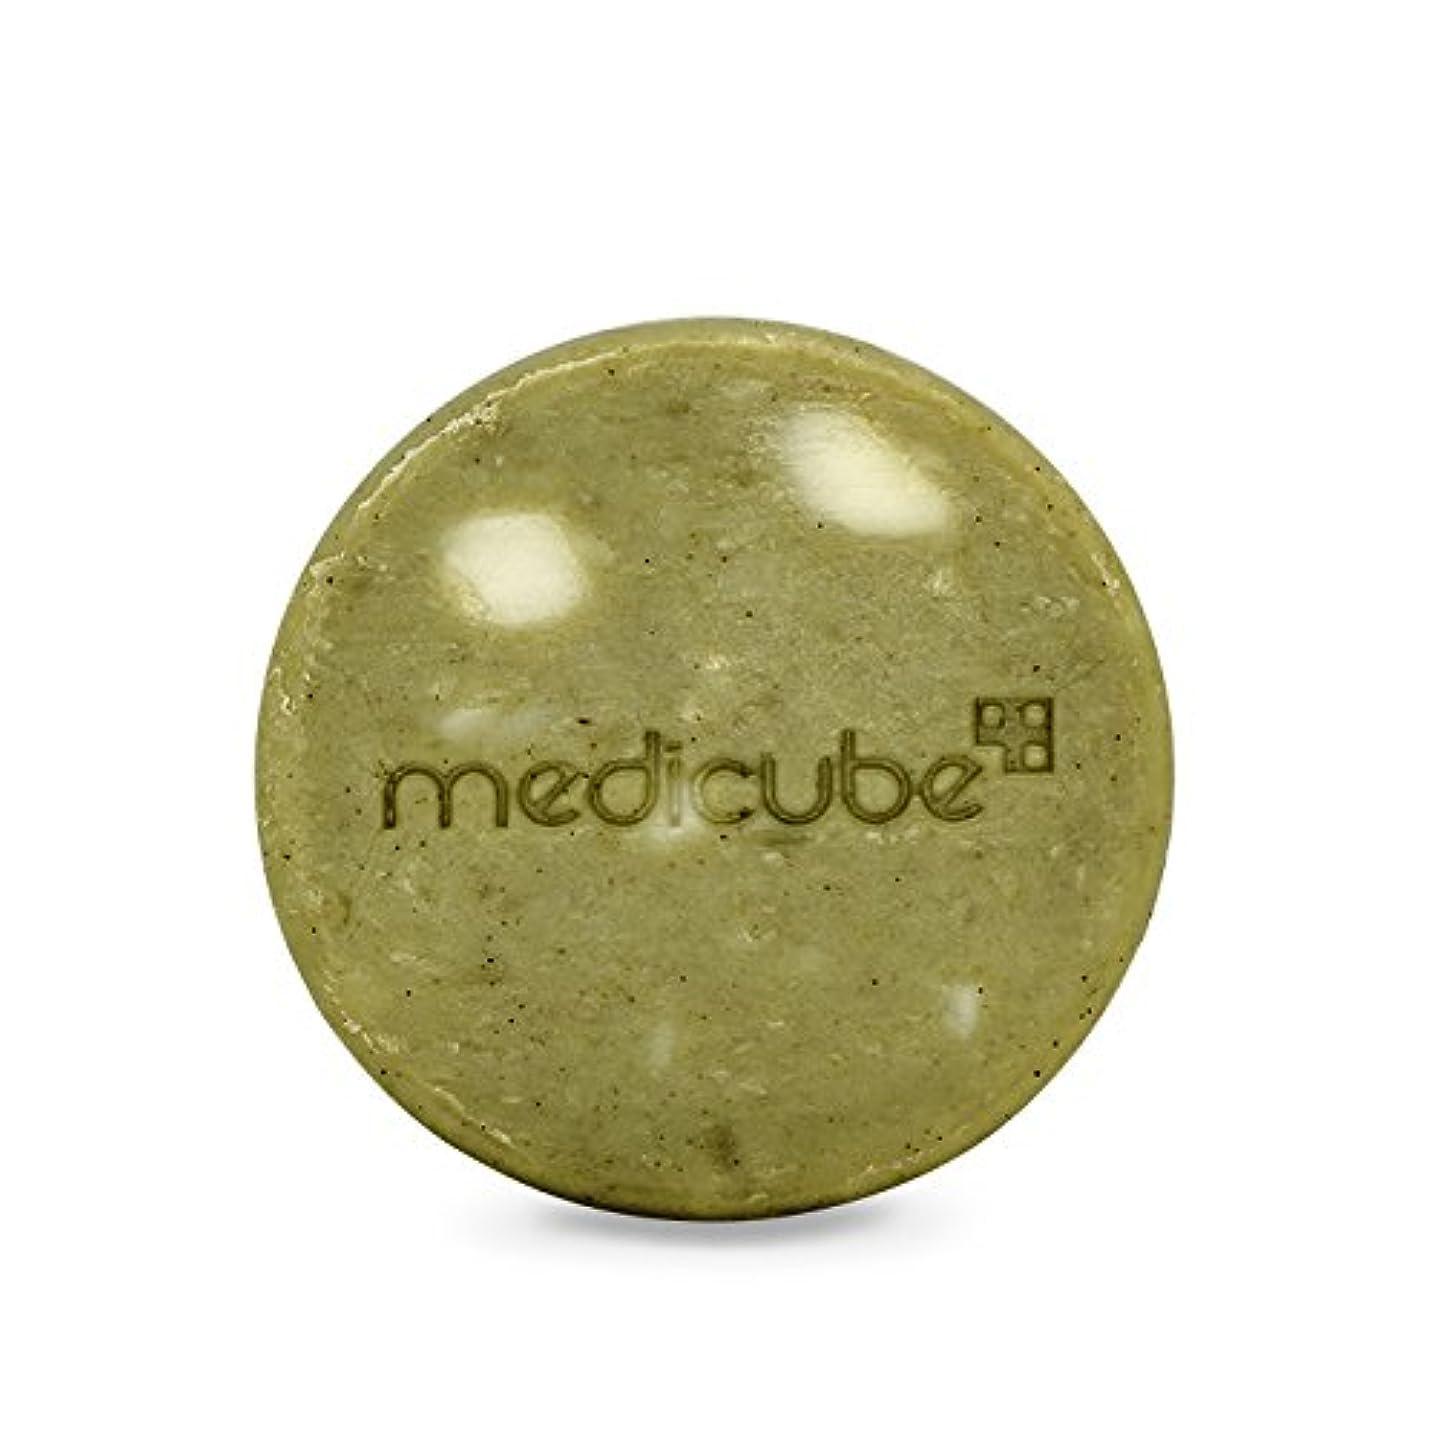 祭司アウターアーティスト[Medicube]Red Body Bar / メディキューブレッドボディバー / 正品?海外直送商品 [並行輸入品]